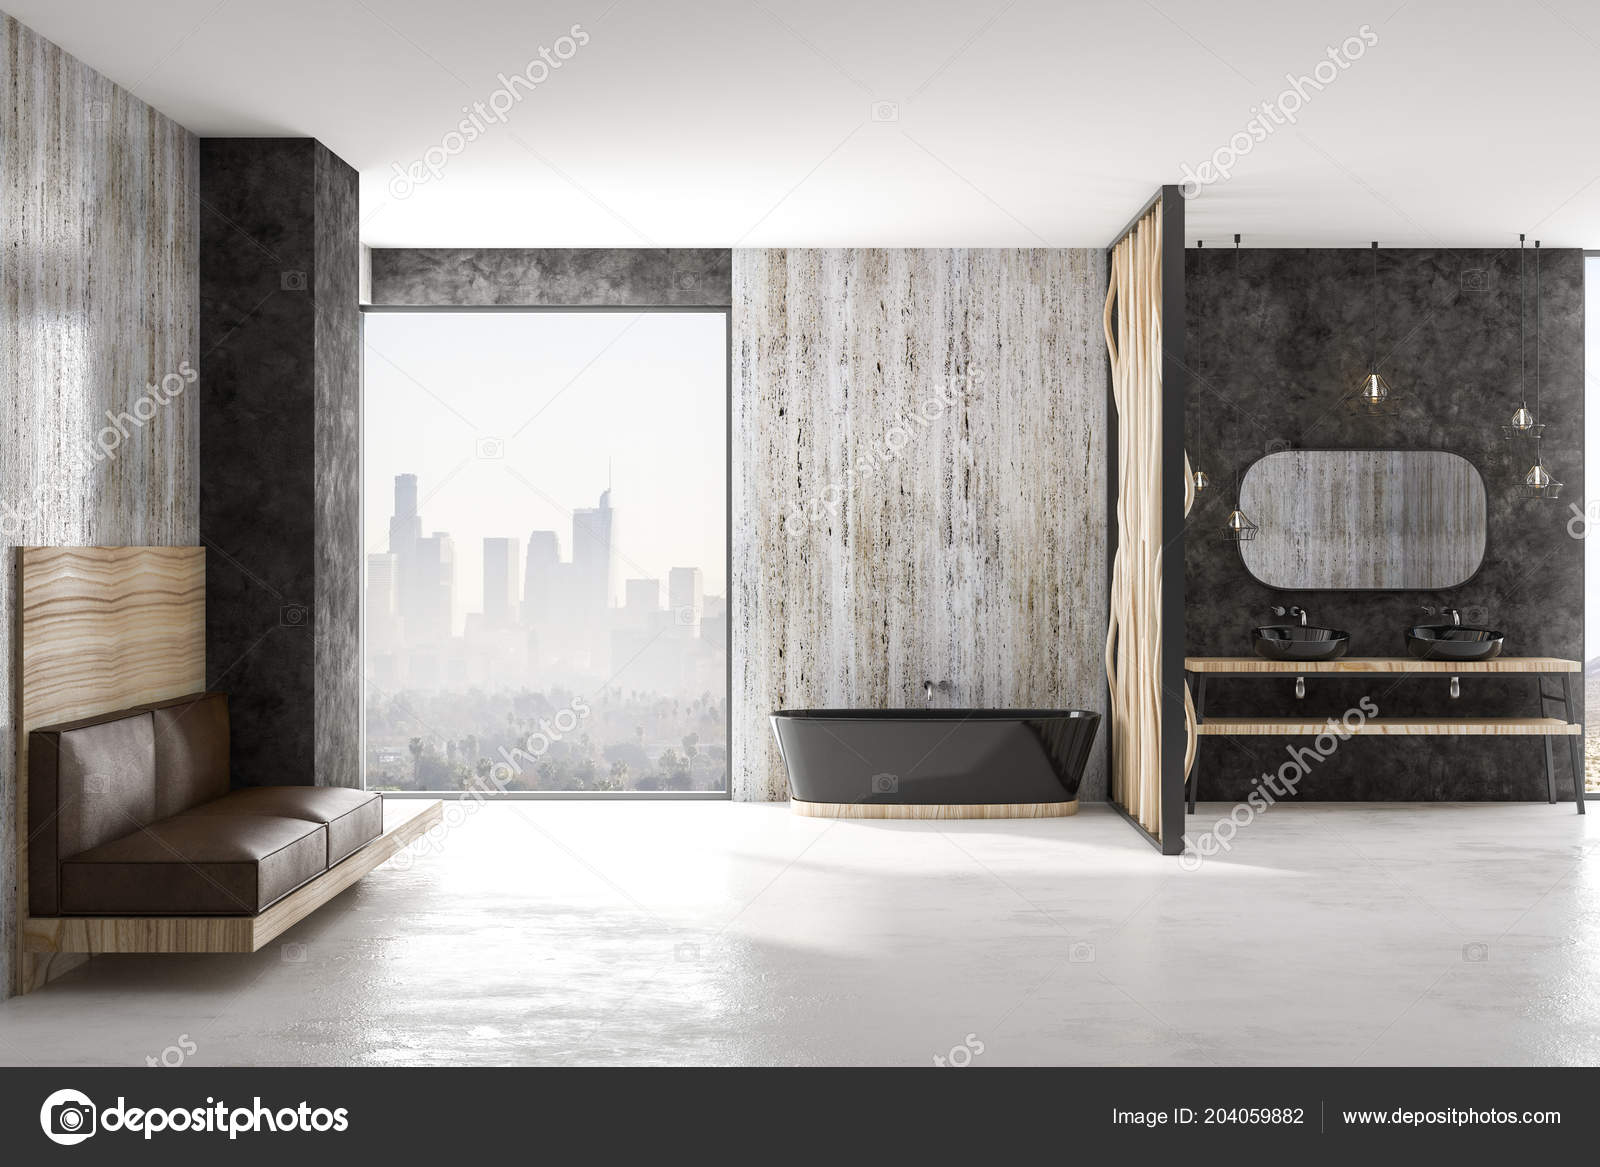 Design Bagno Moderno : Design bagno moderno con vasca nera pavimento cemento divano pelle